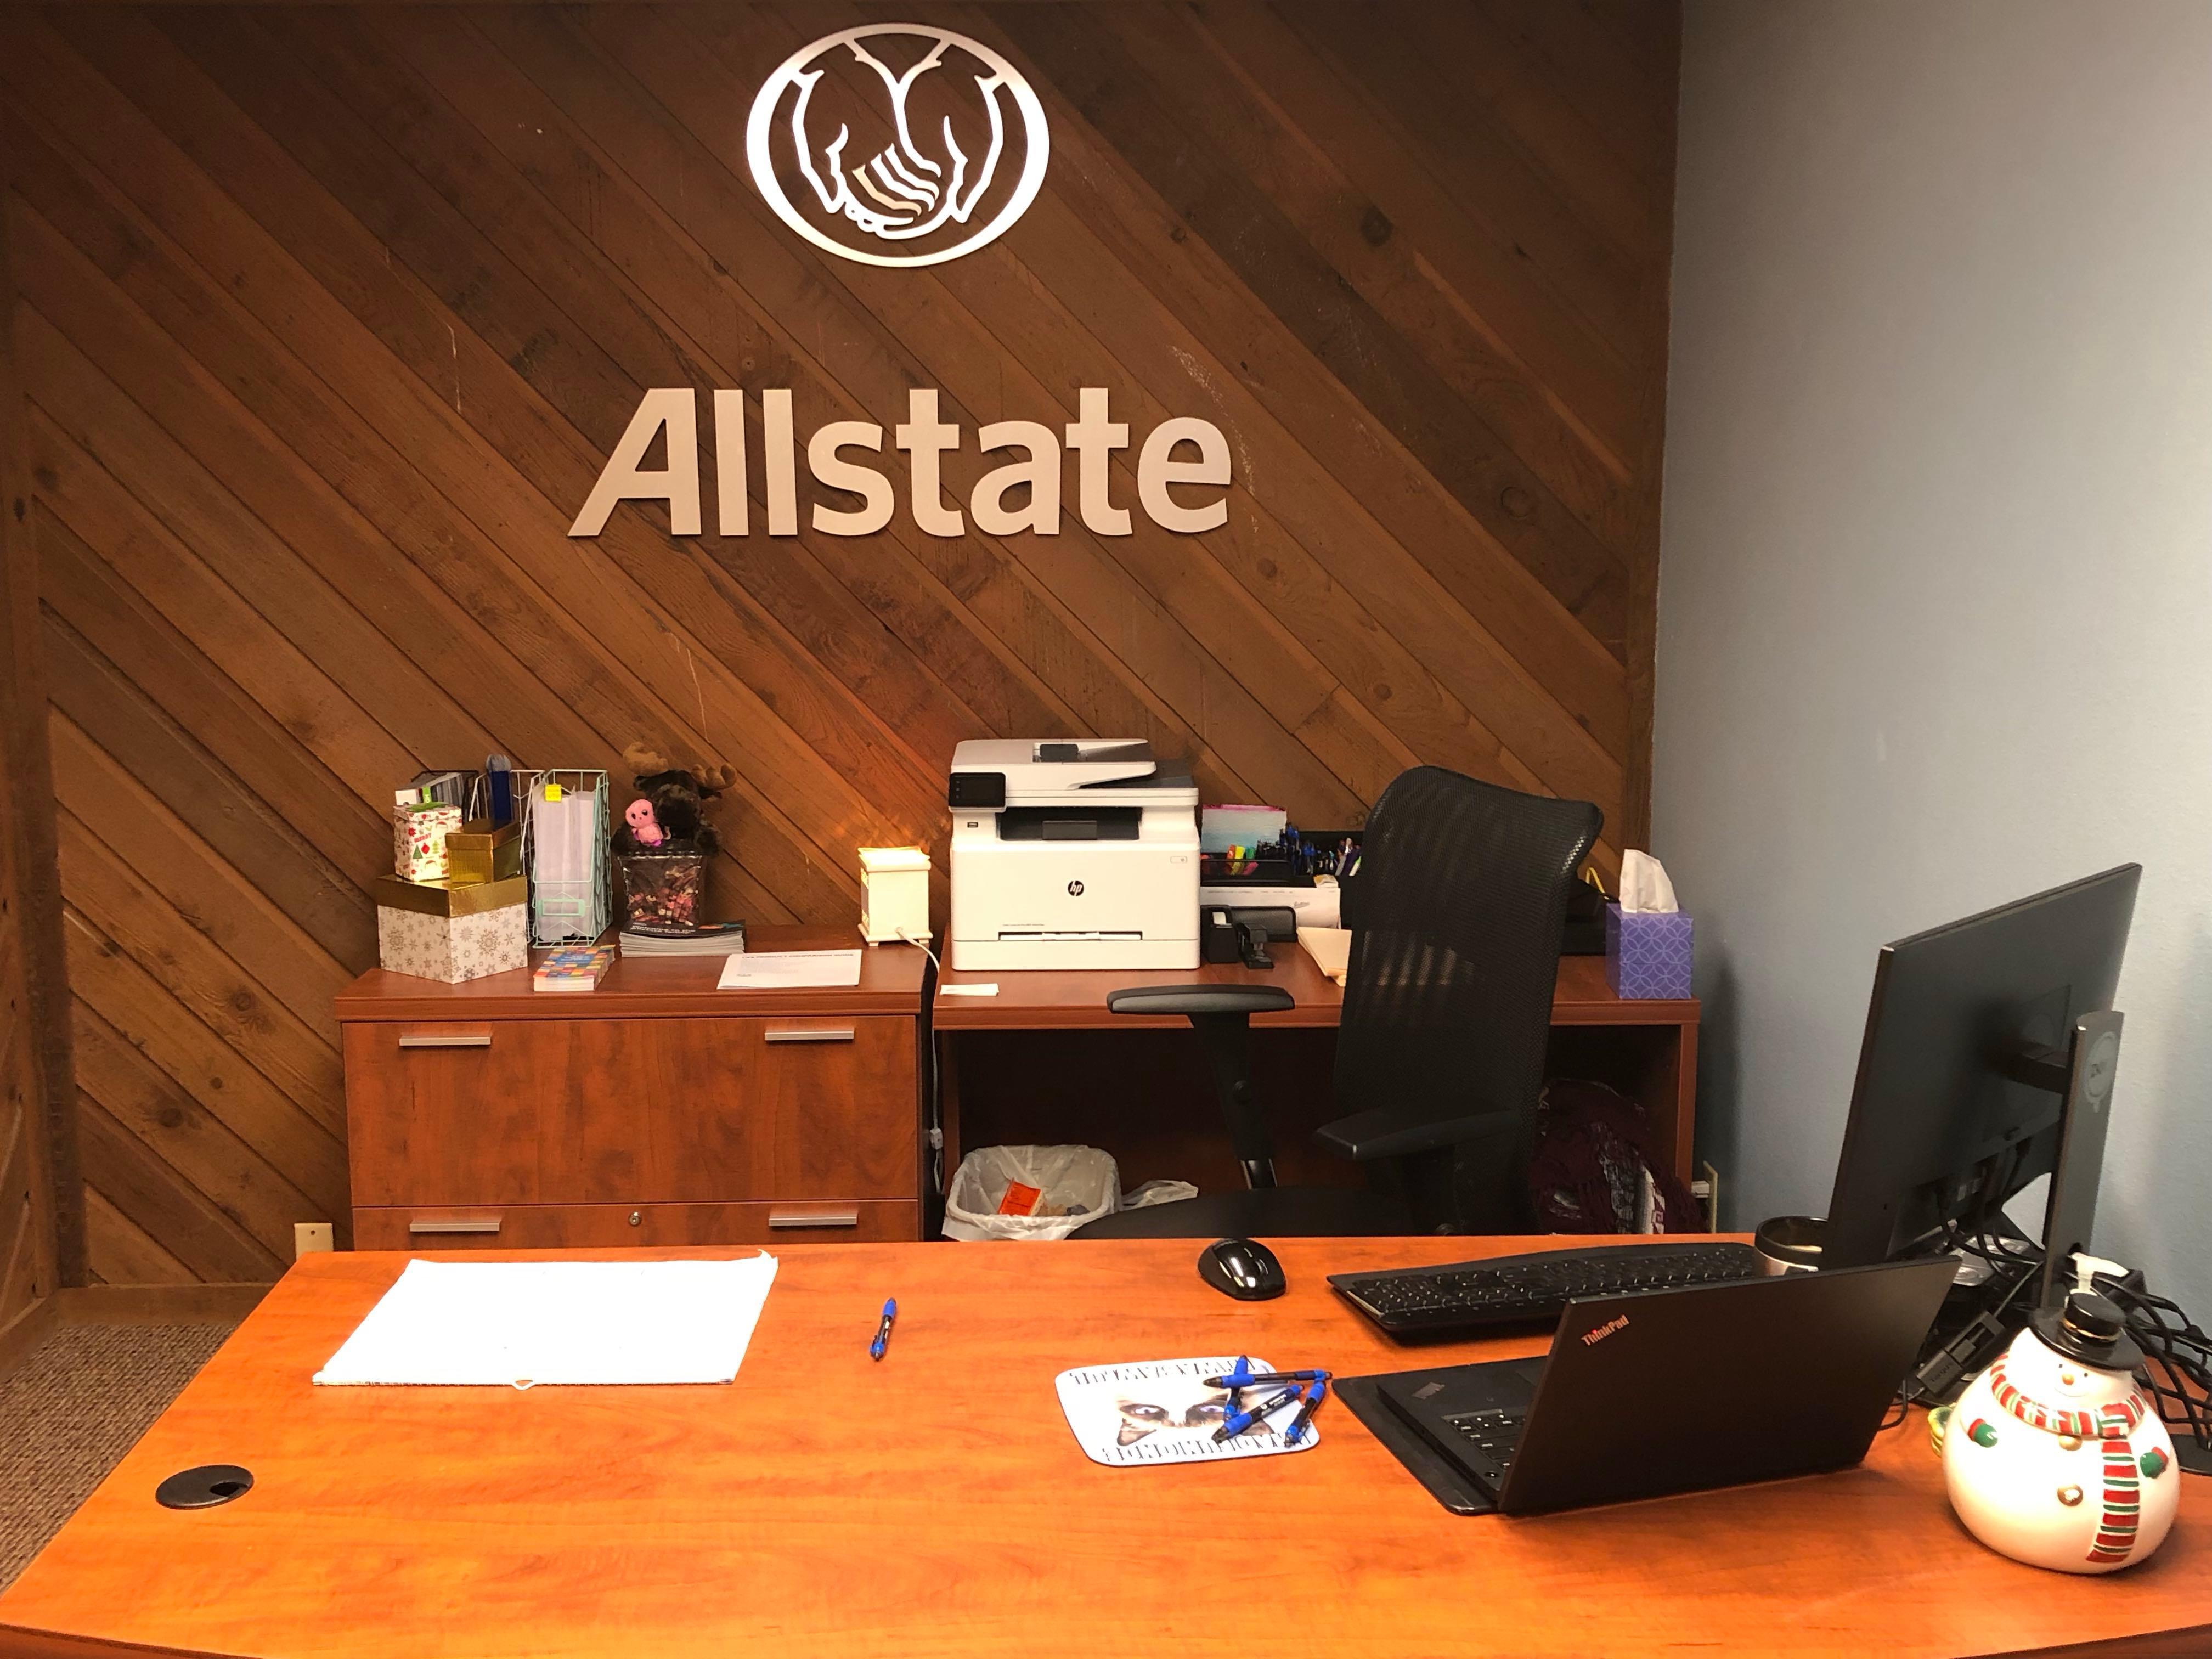 Allstate Insurance Agent: Julie Andrews image 1